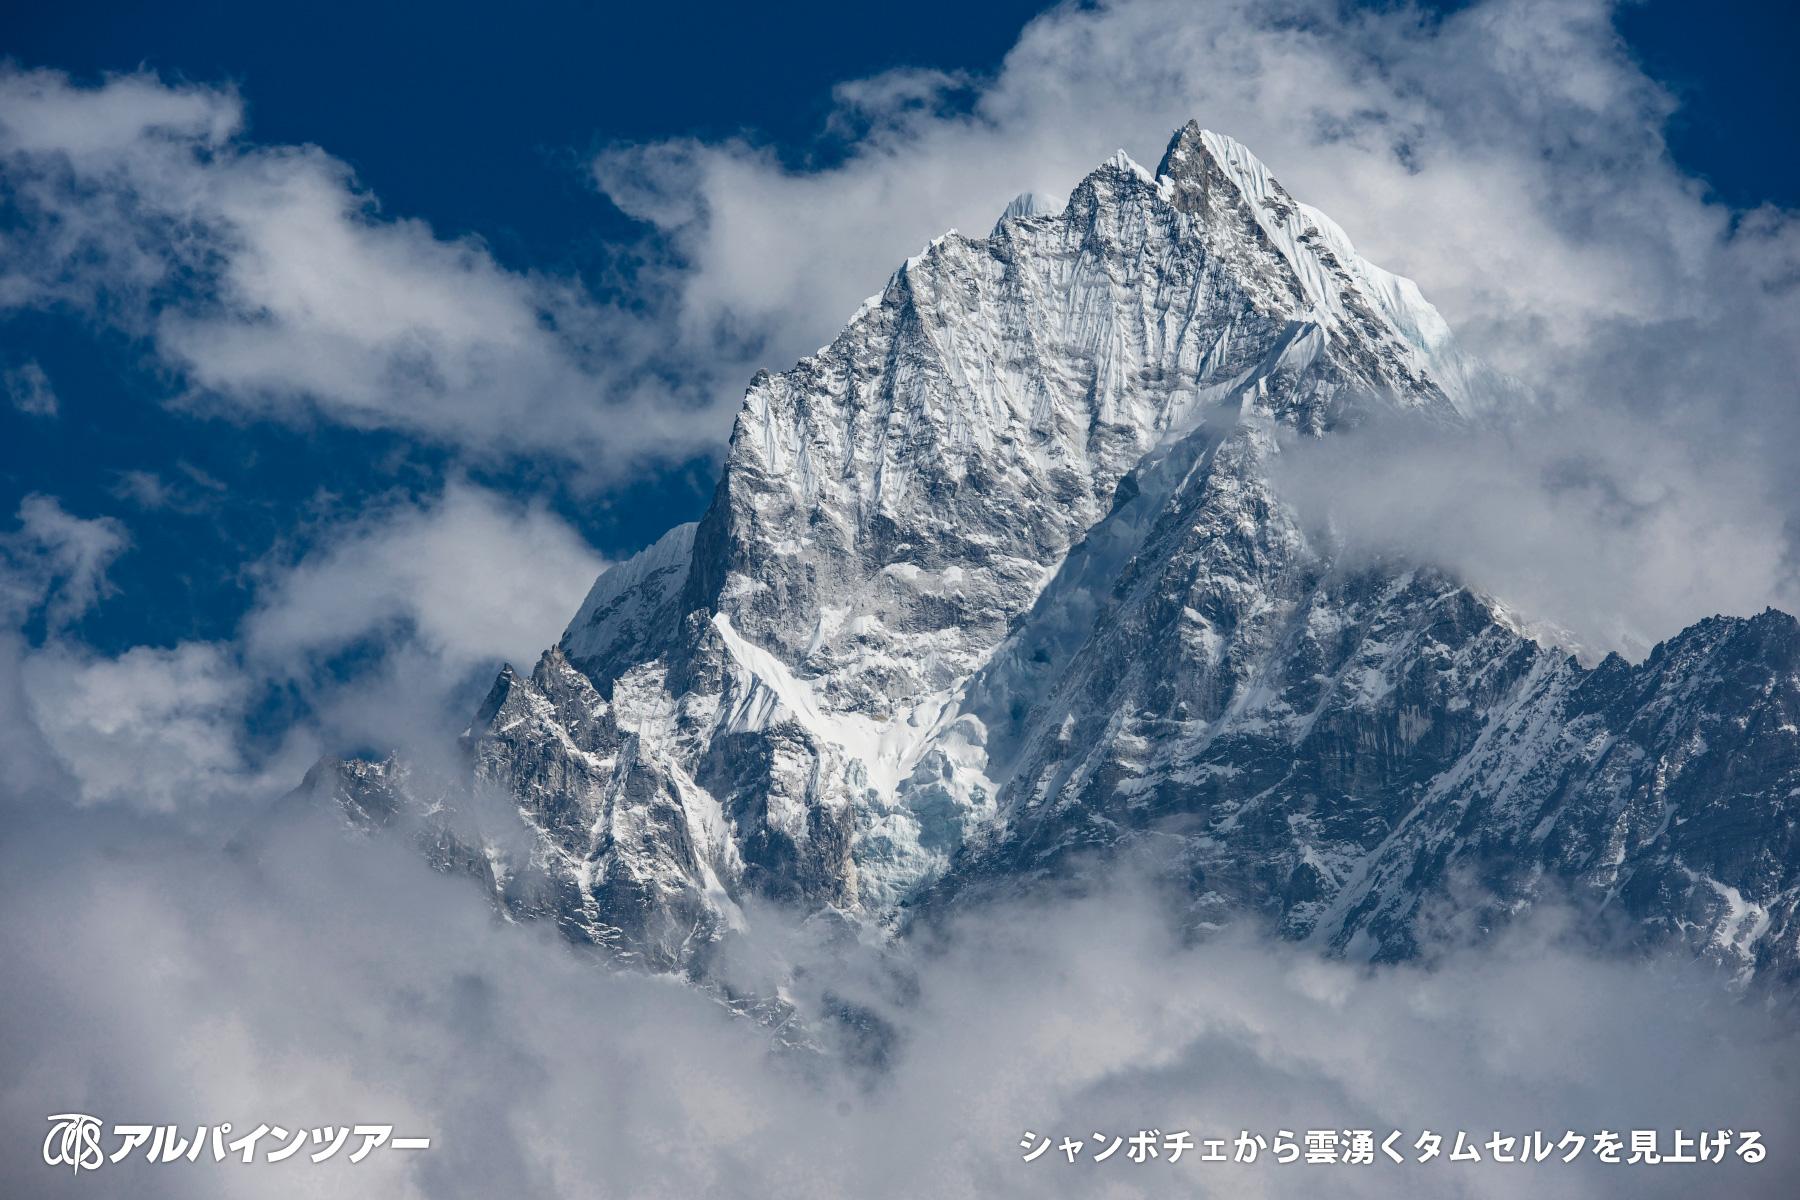 【今日の名峰】 タムセルク(6,623m)